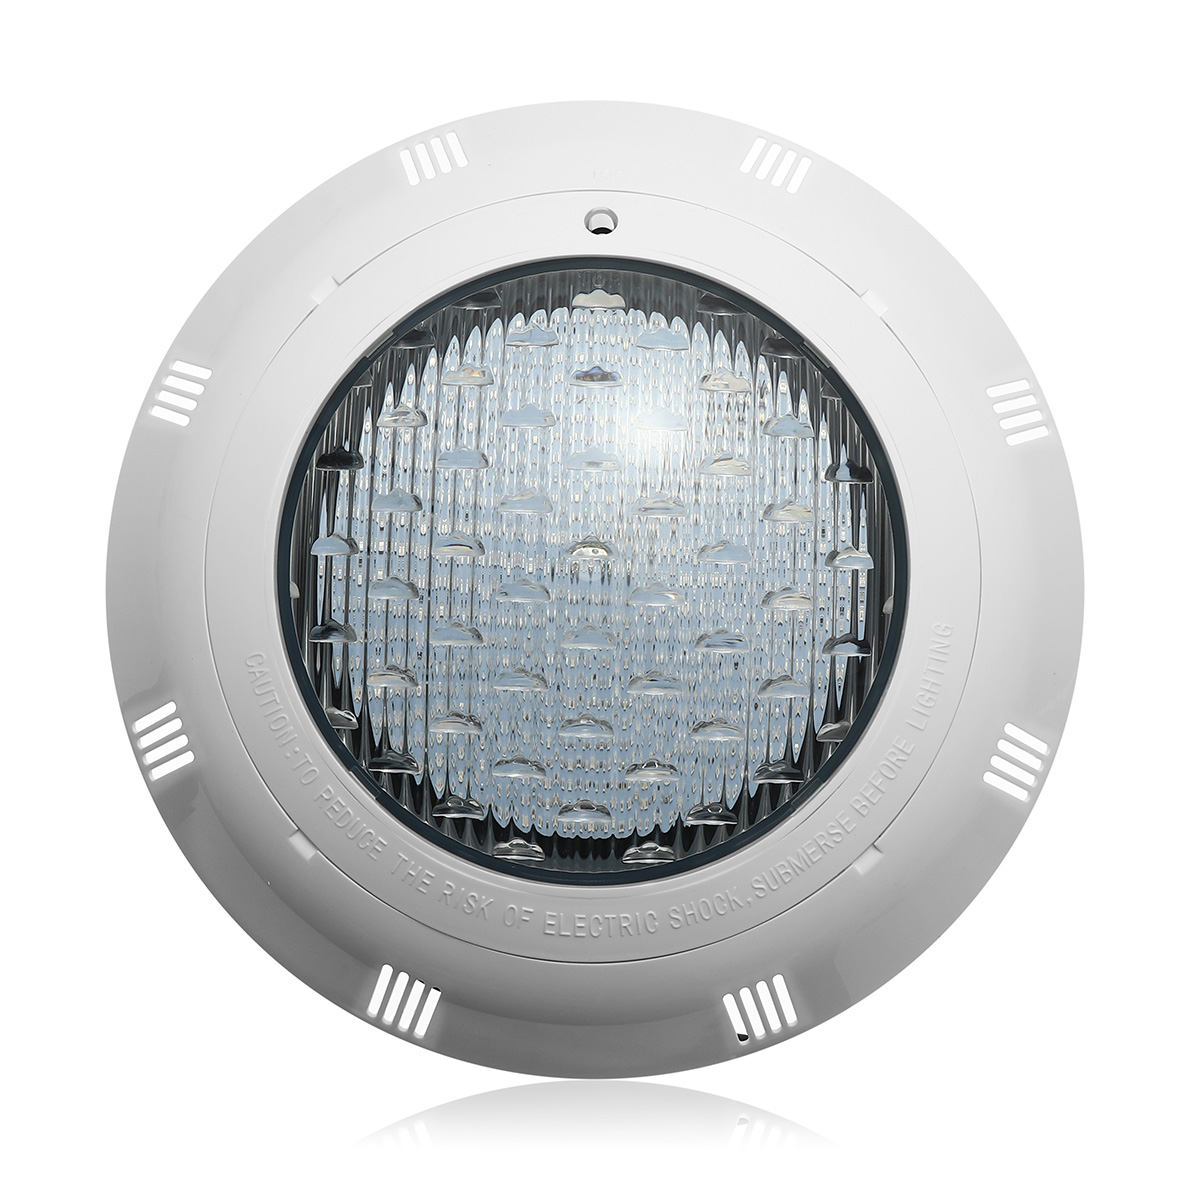 12 V lampe sous-marine natation éclairage à LED de piscine ampoule RGB télécommande lumière LED ing IP68 étanche pour la lumière de tache de fontaine d'étang